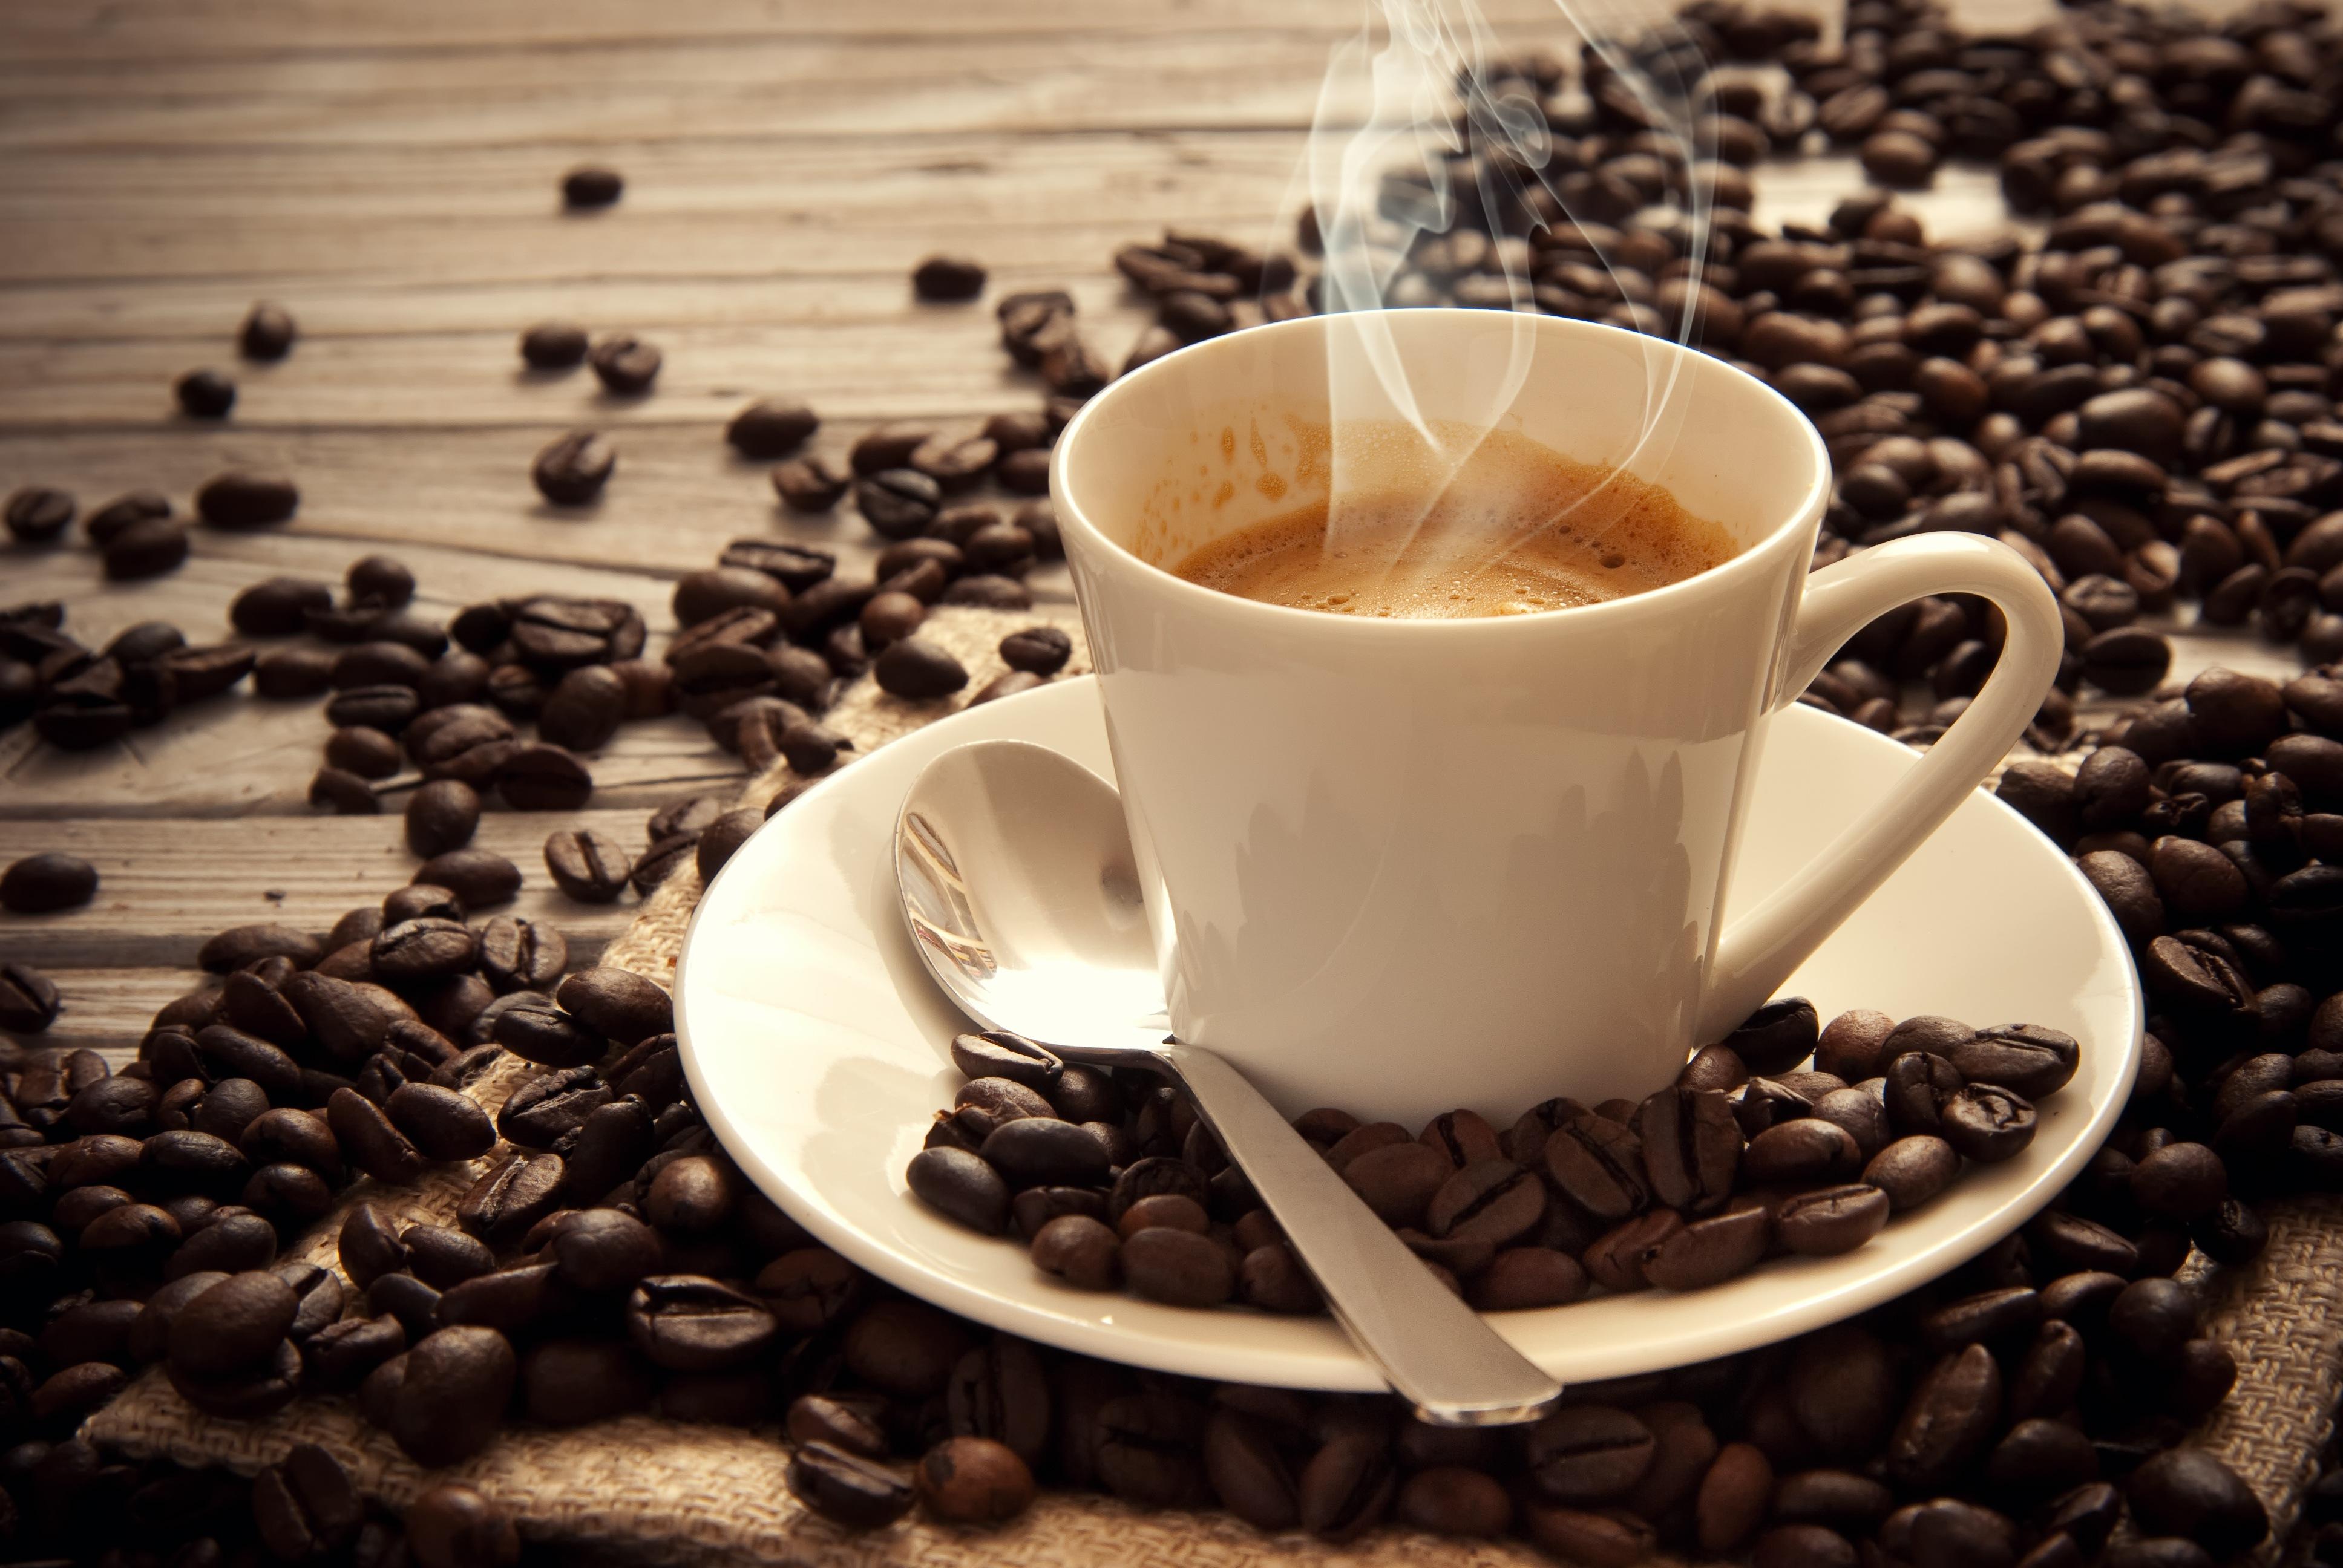 Tazza_Caffè_jpg